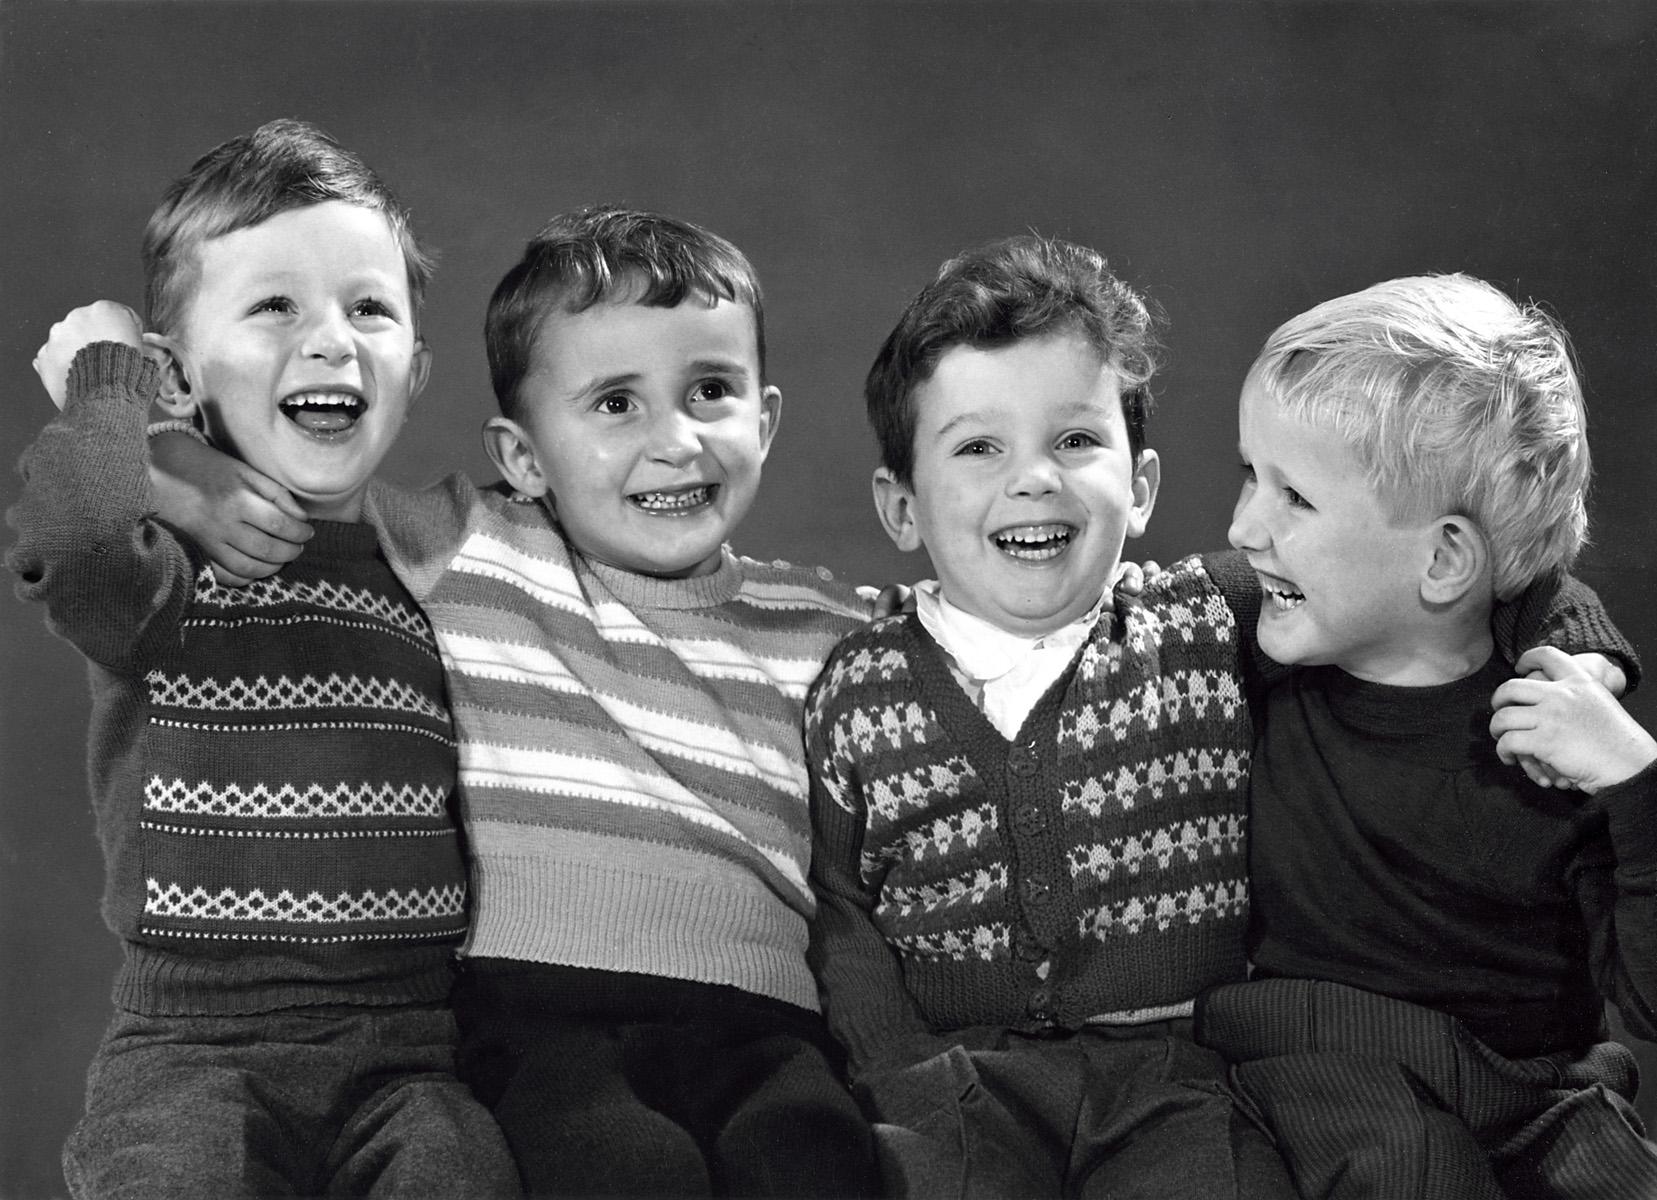 Schoolkinderen portretten vier lachende jongens met de armen om elkaars schouders nederland - Klein kamermeisje ...